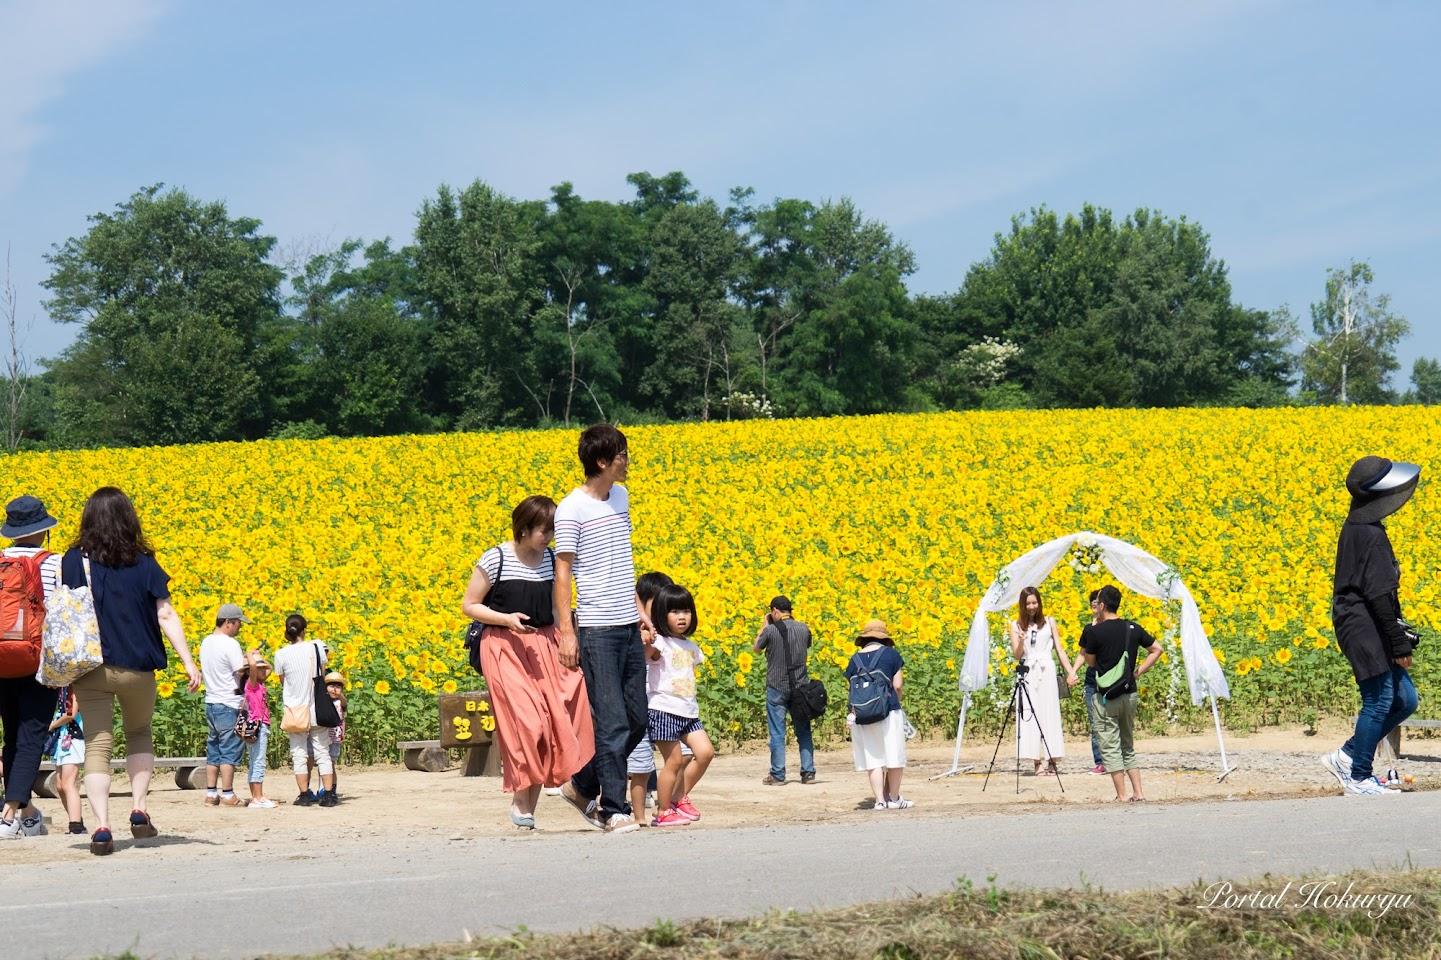 7月29日に行われた結婚式のアーチは記念撮影用に渡邊さんより寄贈されました